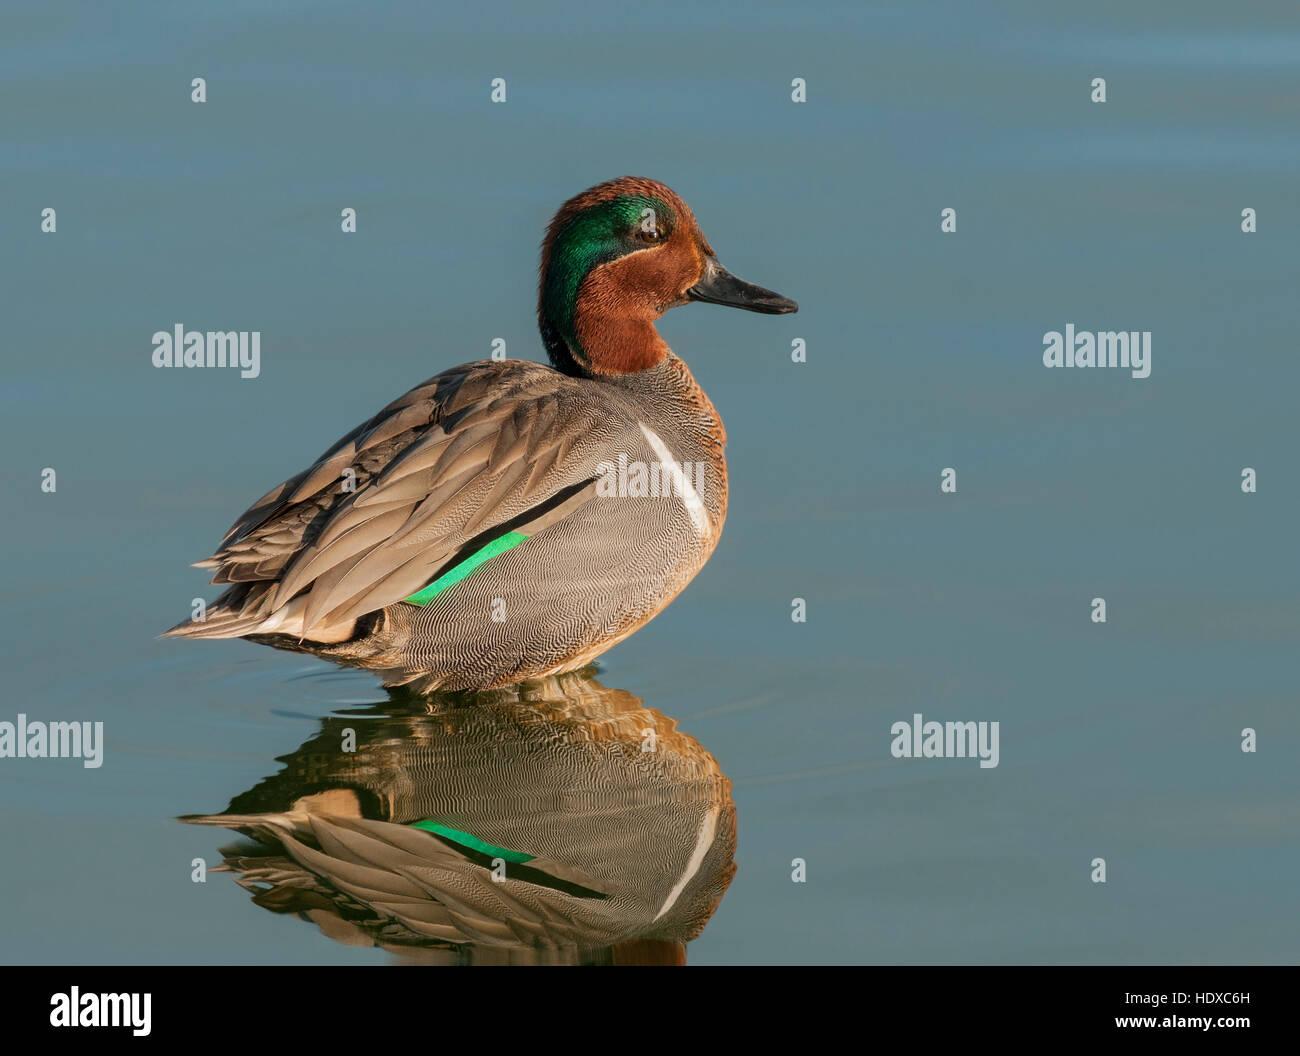 Alas verdes (Anas carolinensis), macho, con reflexión Imagen De Stock